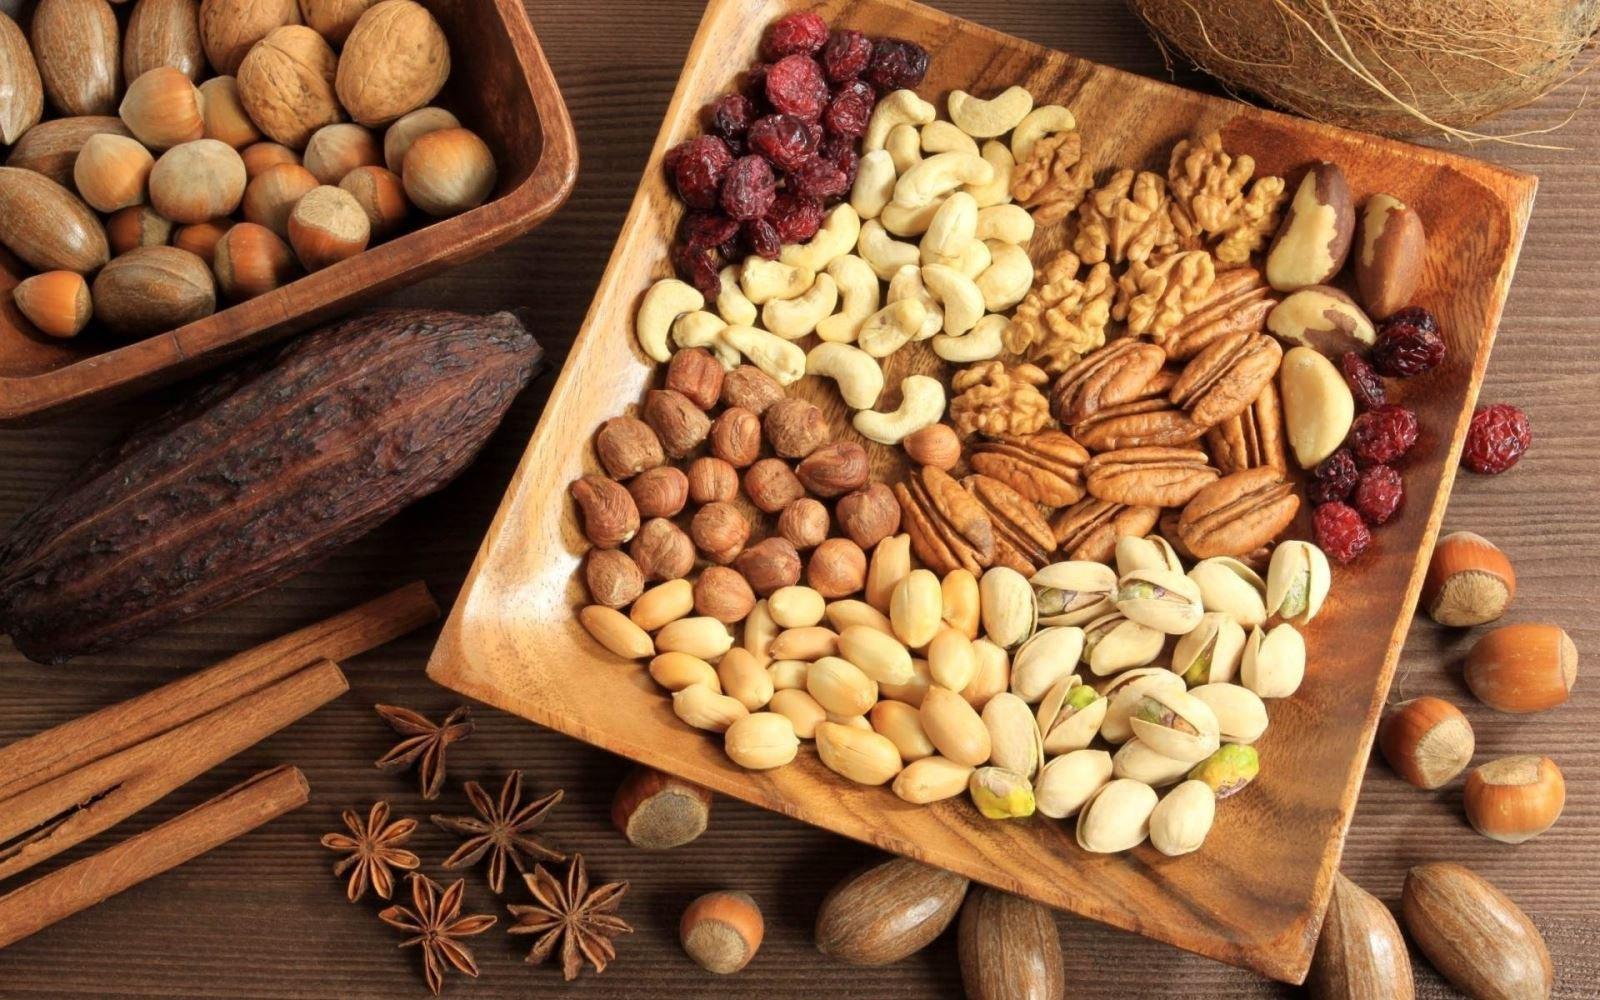 Lợi ích của các loại hạt đối với người bị tiểu đường